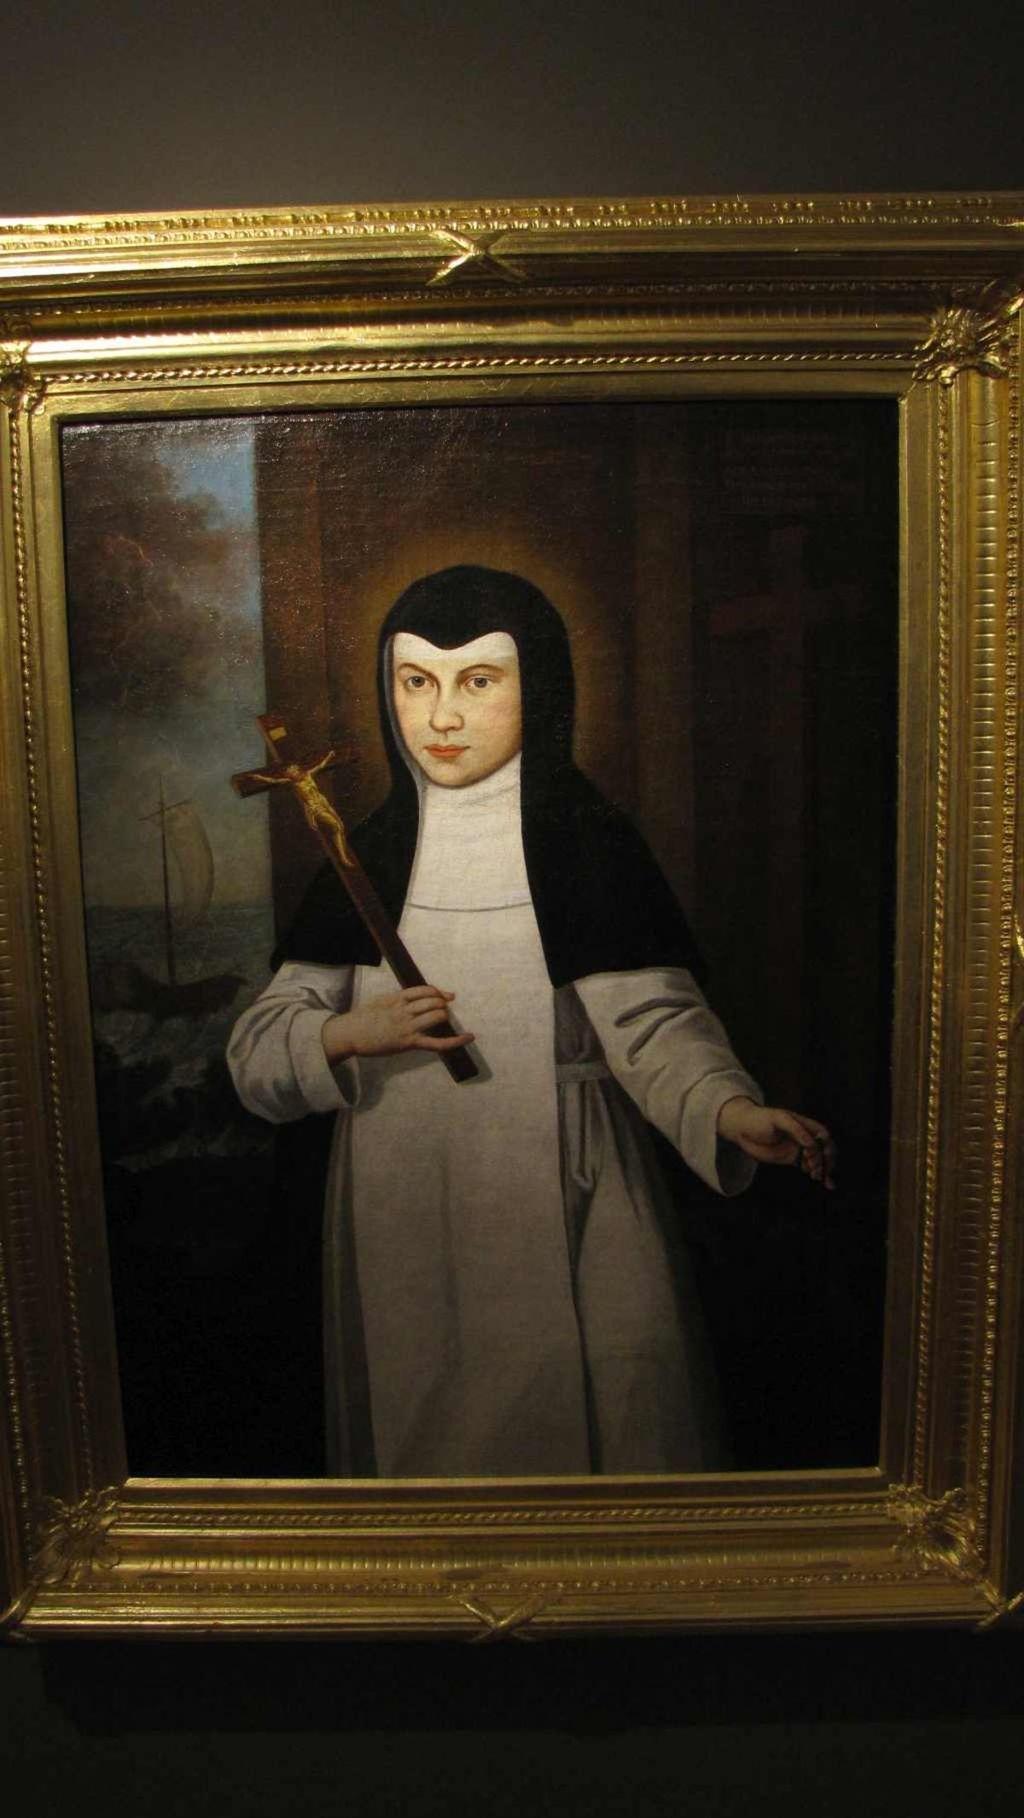 Portrét Osanny Andreasi, ktorú vyhlásili za blahoslavenú.